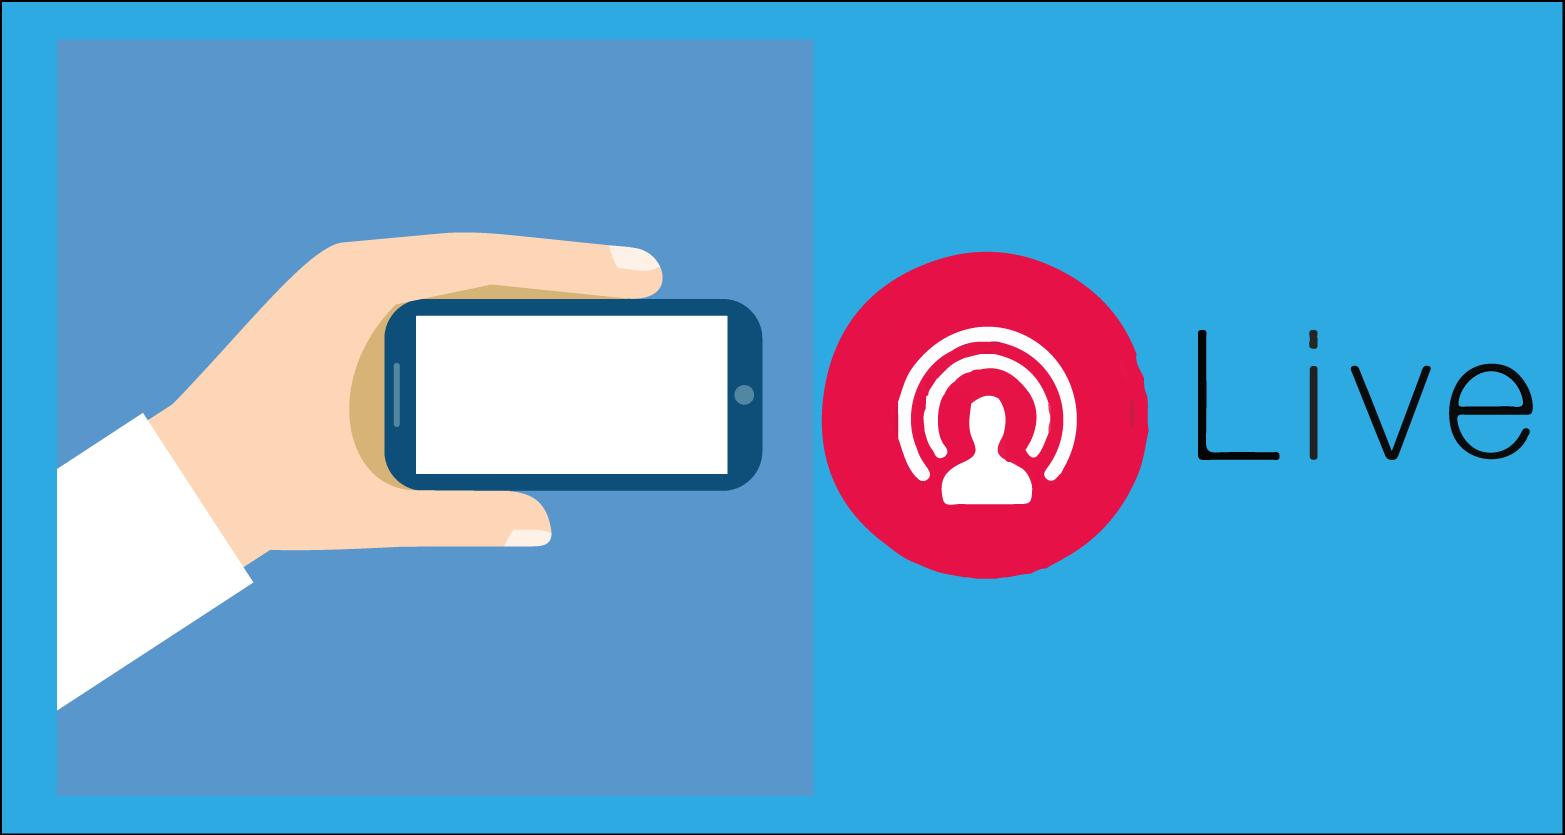 COMO FAZER UMA TRANSMISSÃO AO VIVO NO FACEBOOK - Tutorial: Como desativar vídeos ao vivo no Facebook e Instagram